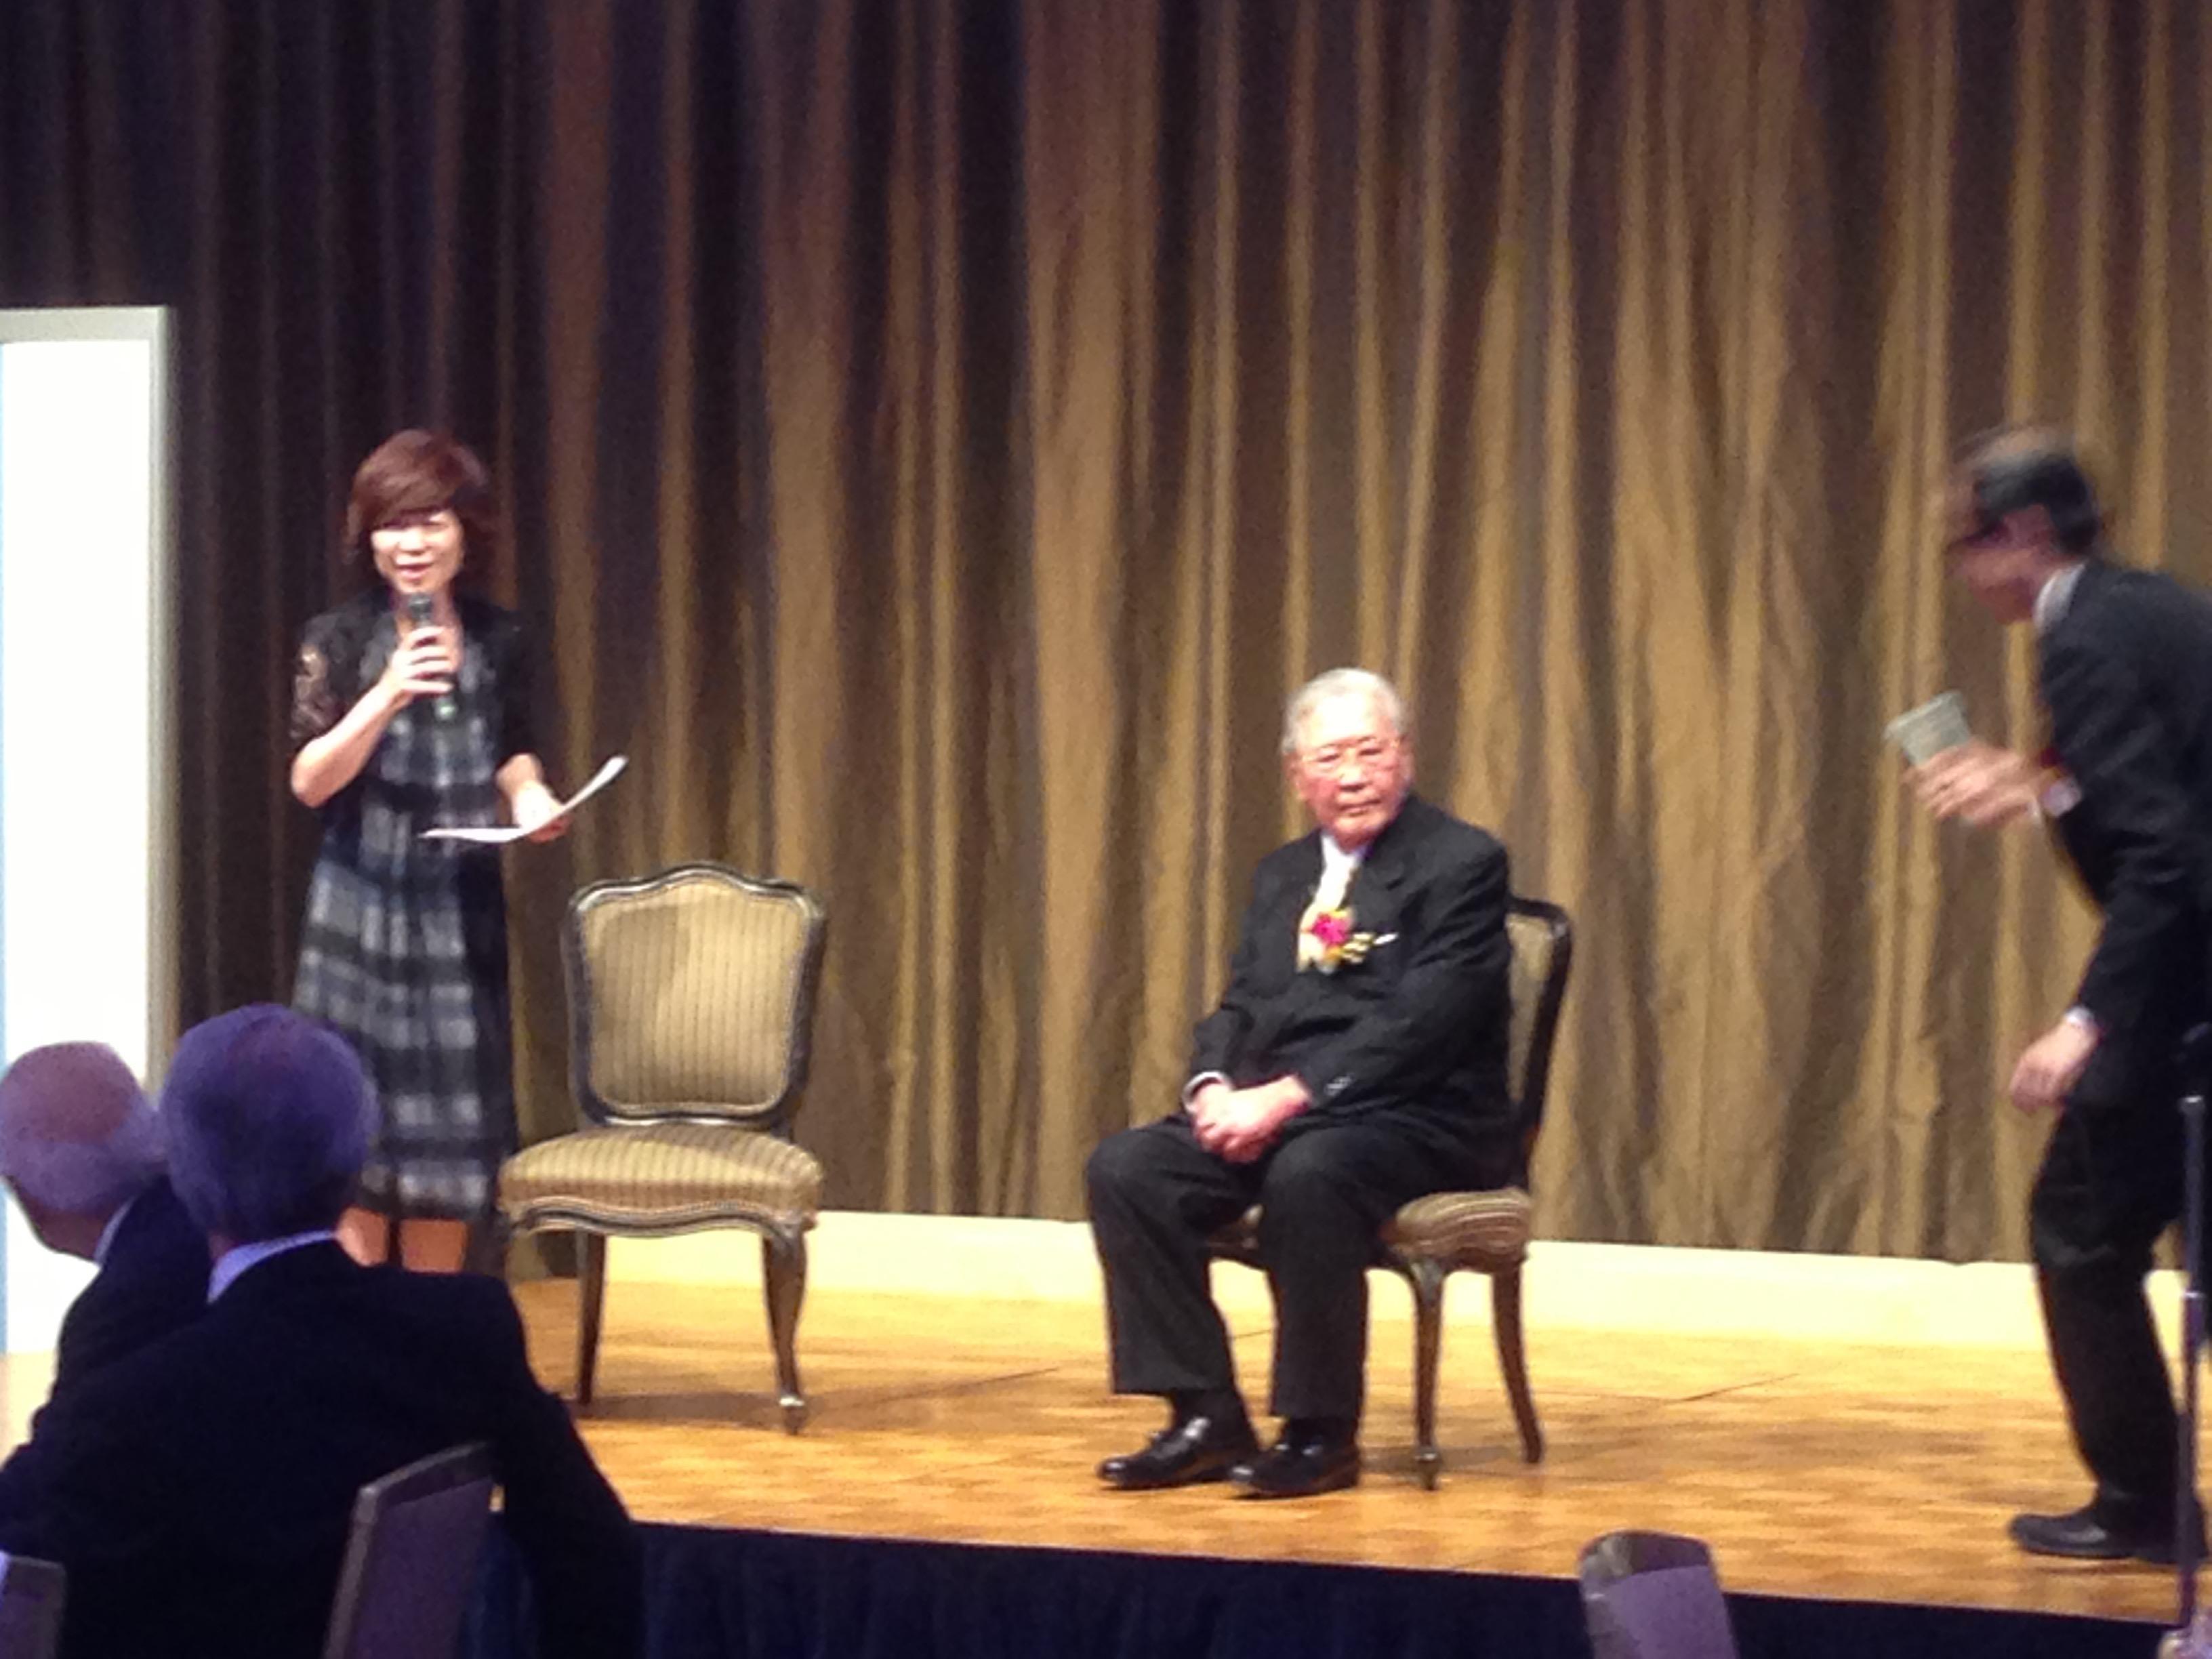 田中健藏先生の卆寿のお祝い